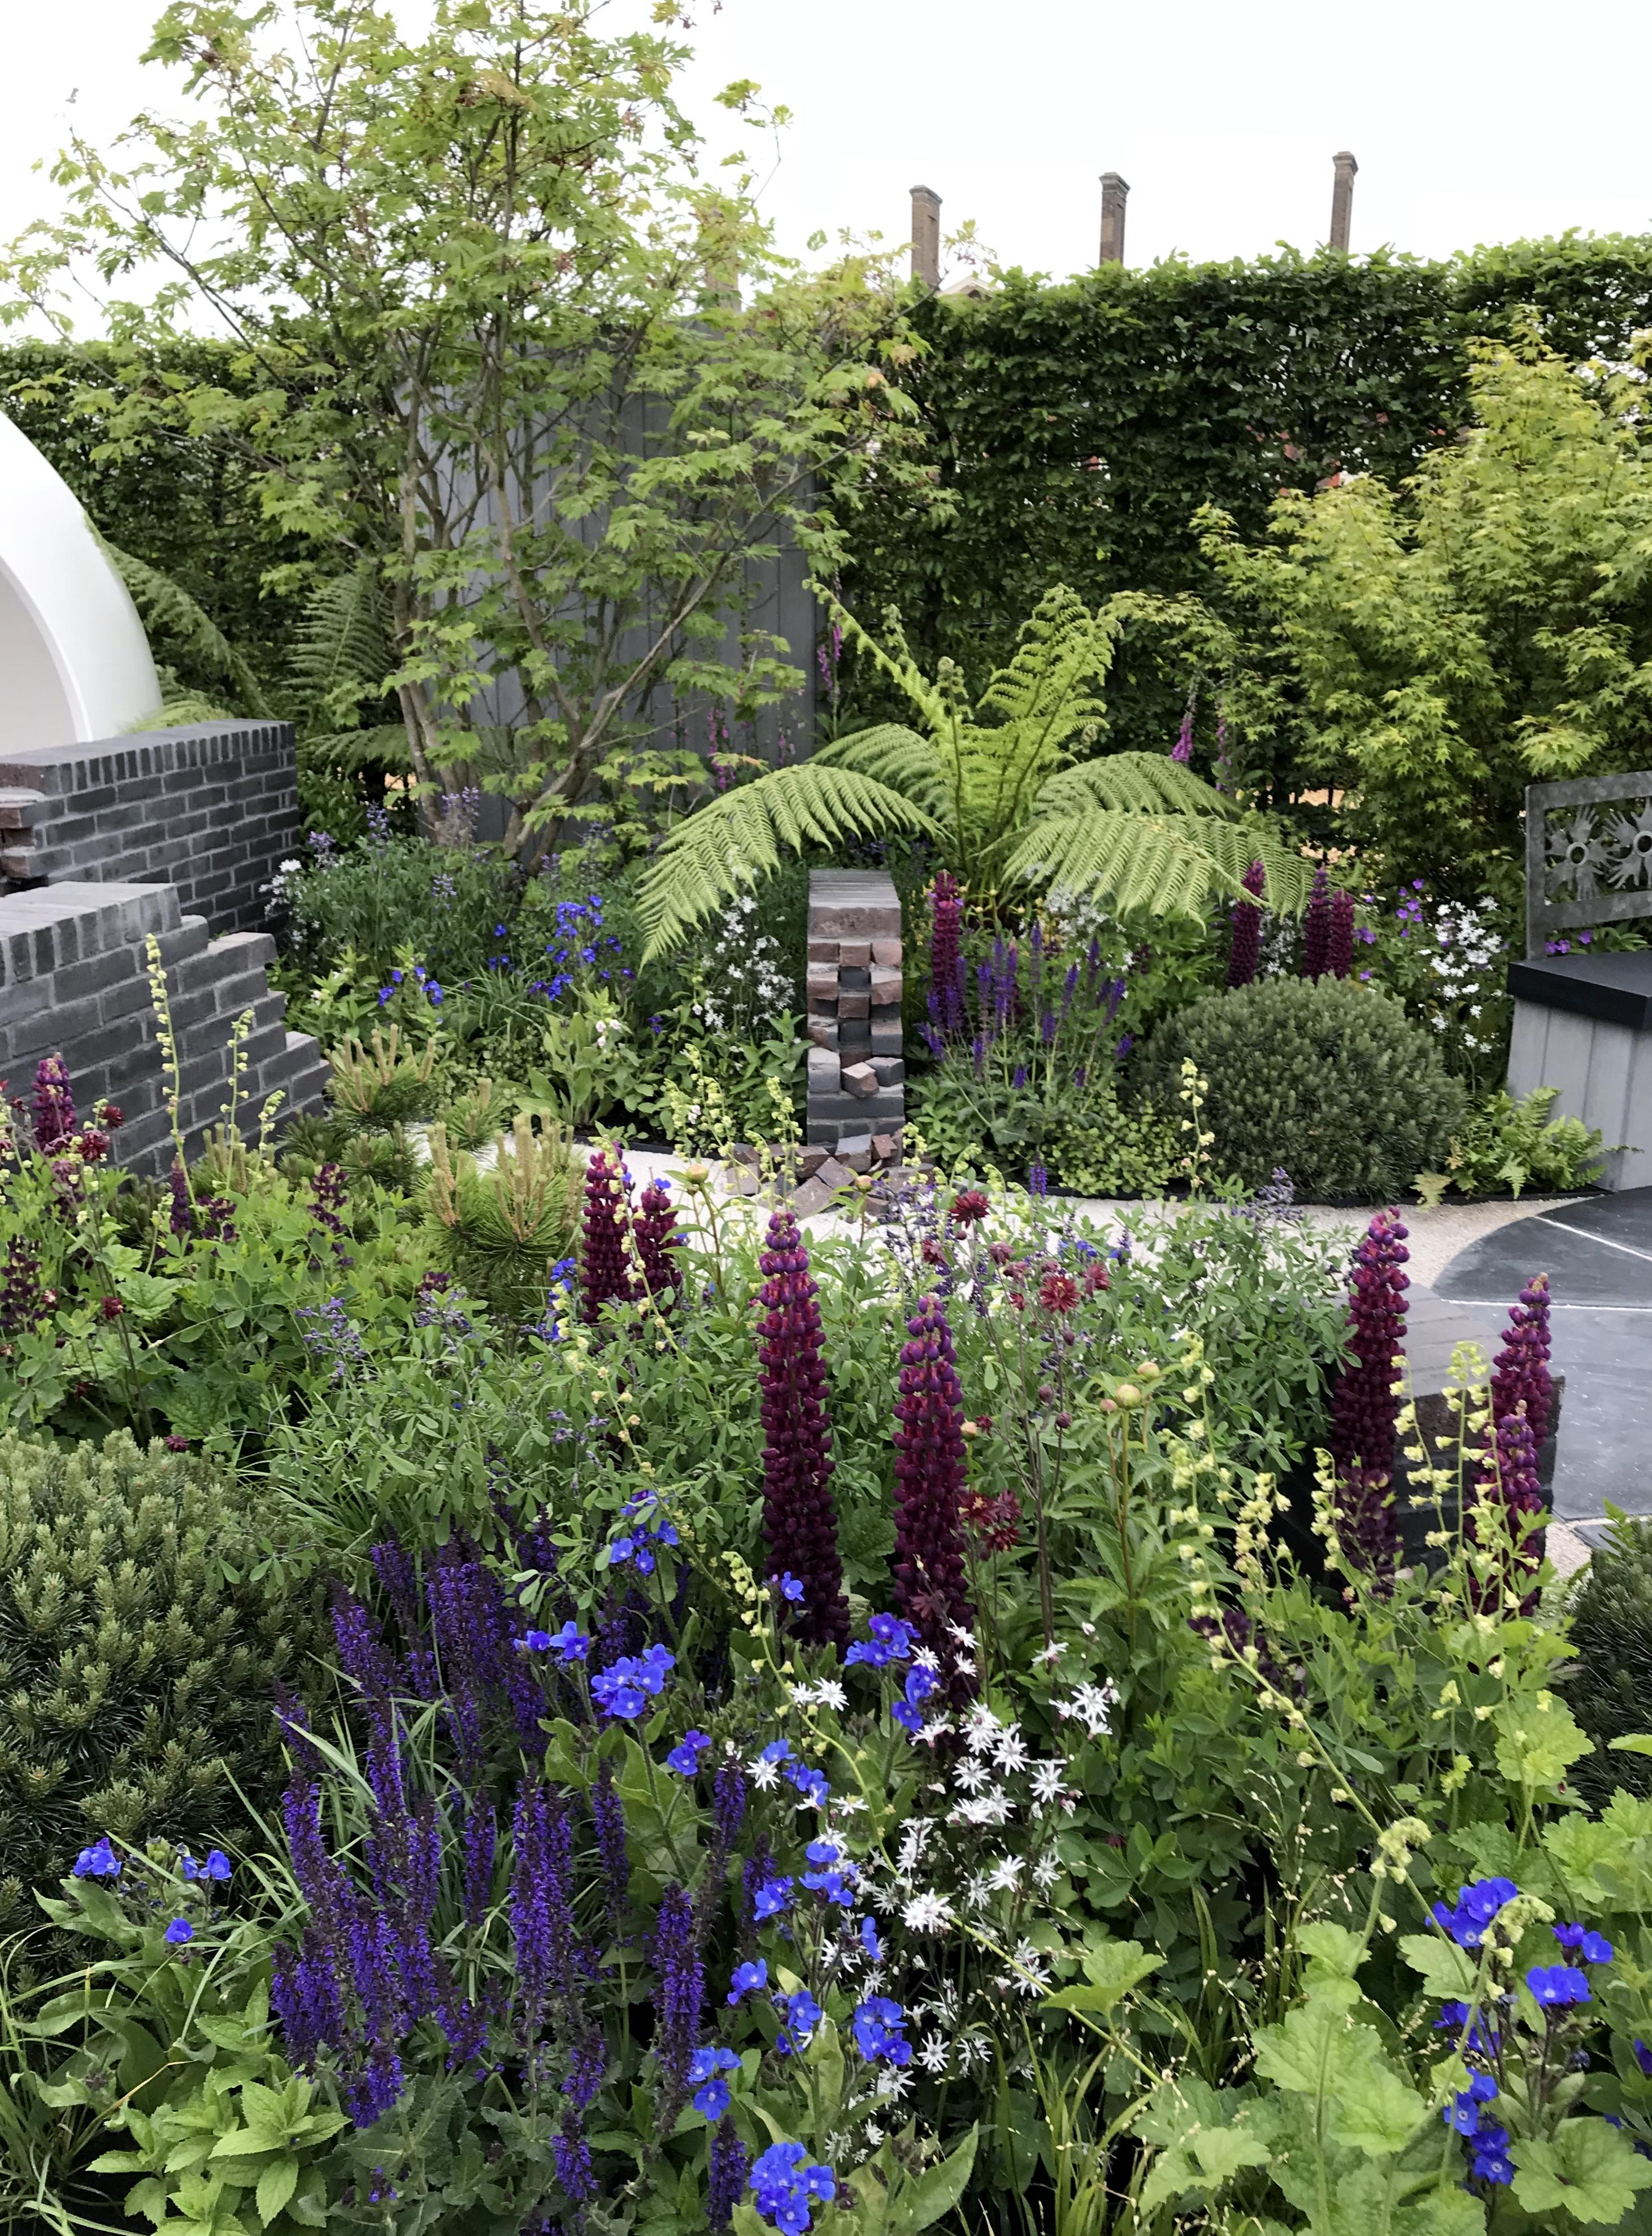 chelsea flower show 2018 london garden design. Black Bedroom Furniture Sets. Home Design Ideas